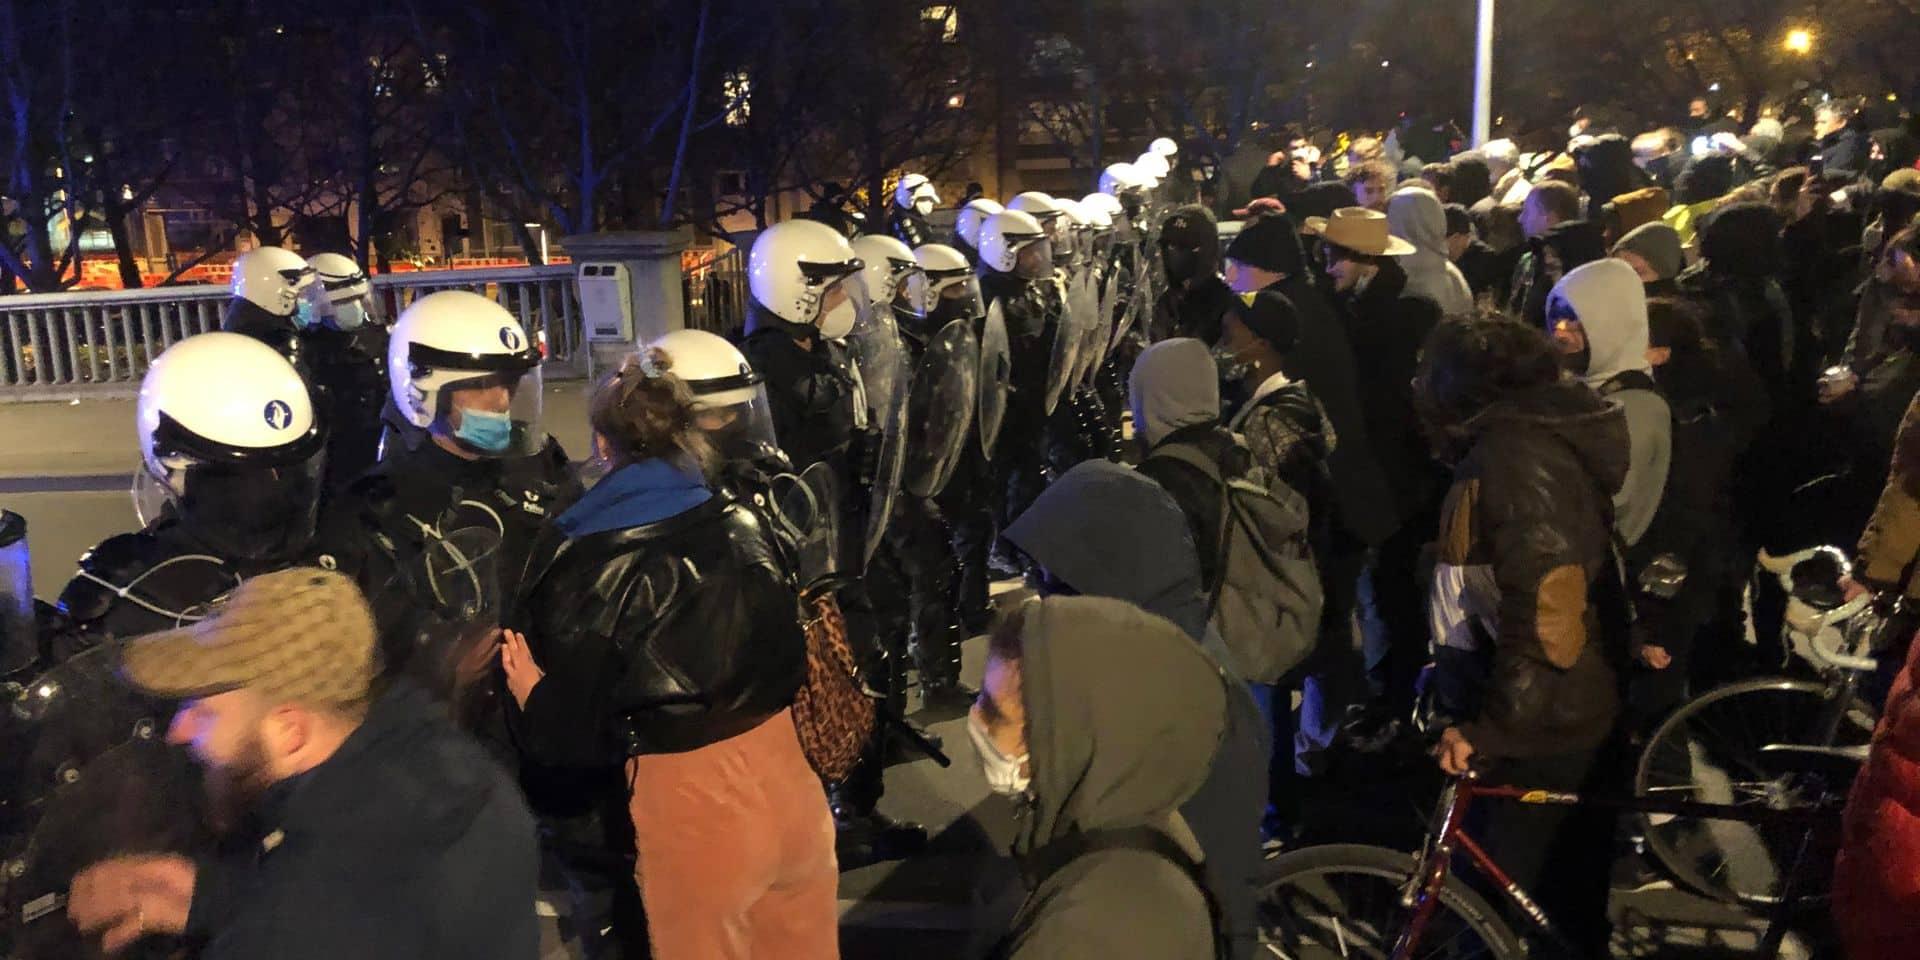 La technique de la nasse ou souricière, employée par la police lors des manifestations, provoque débat et polémique